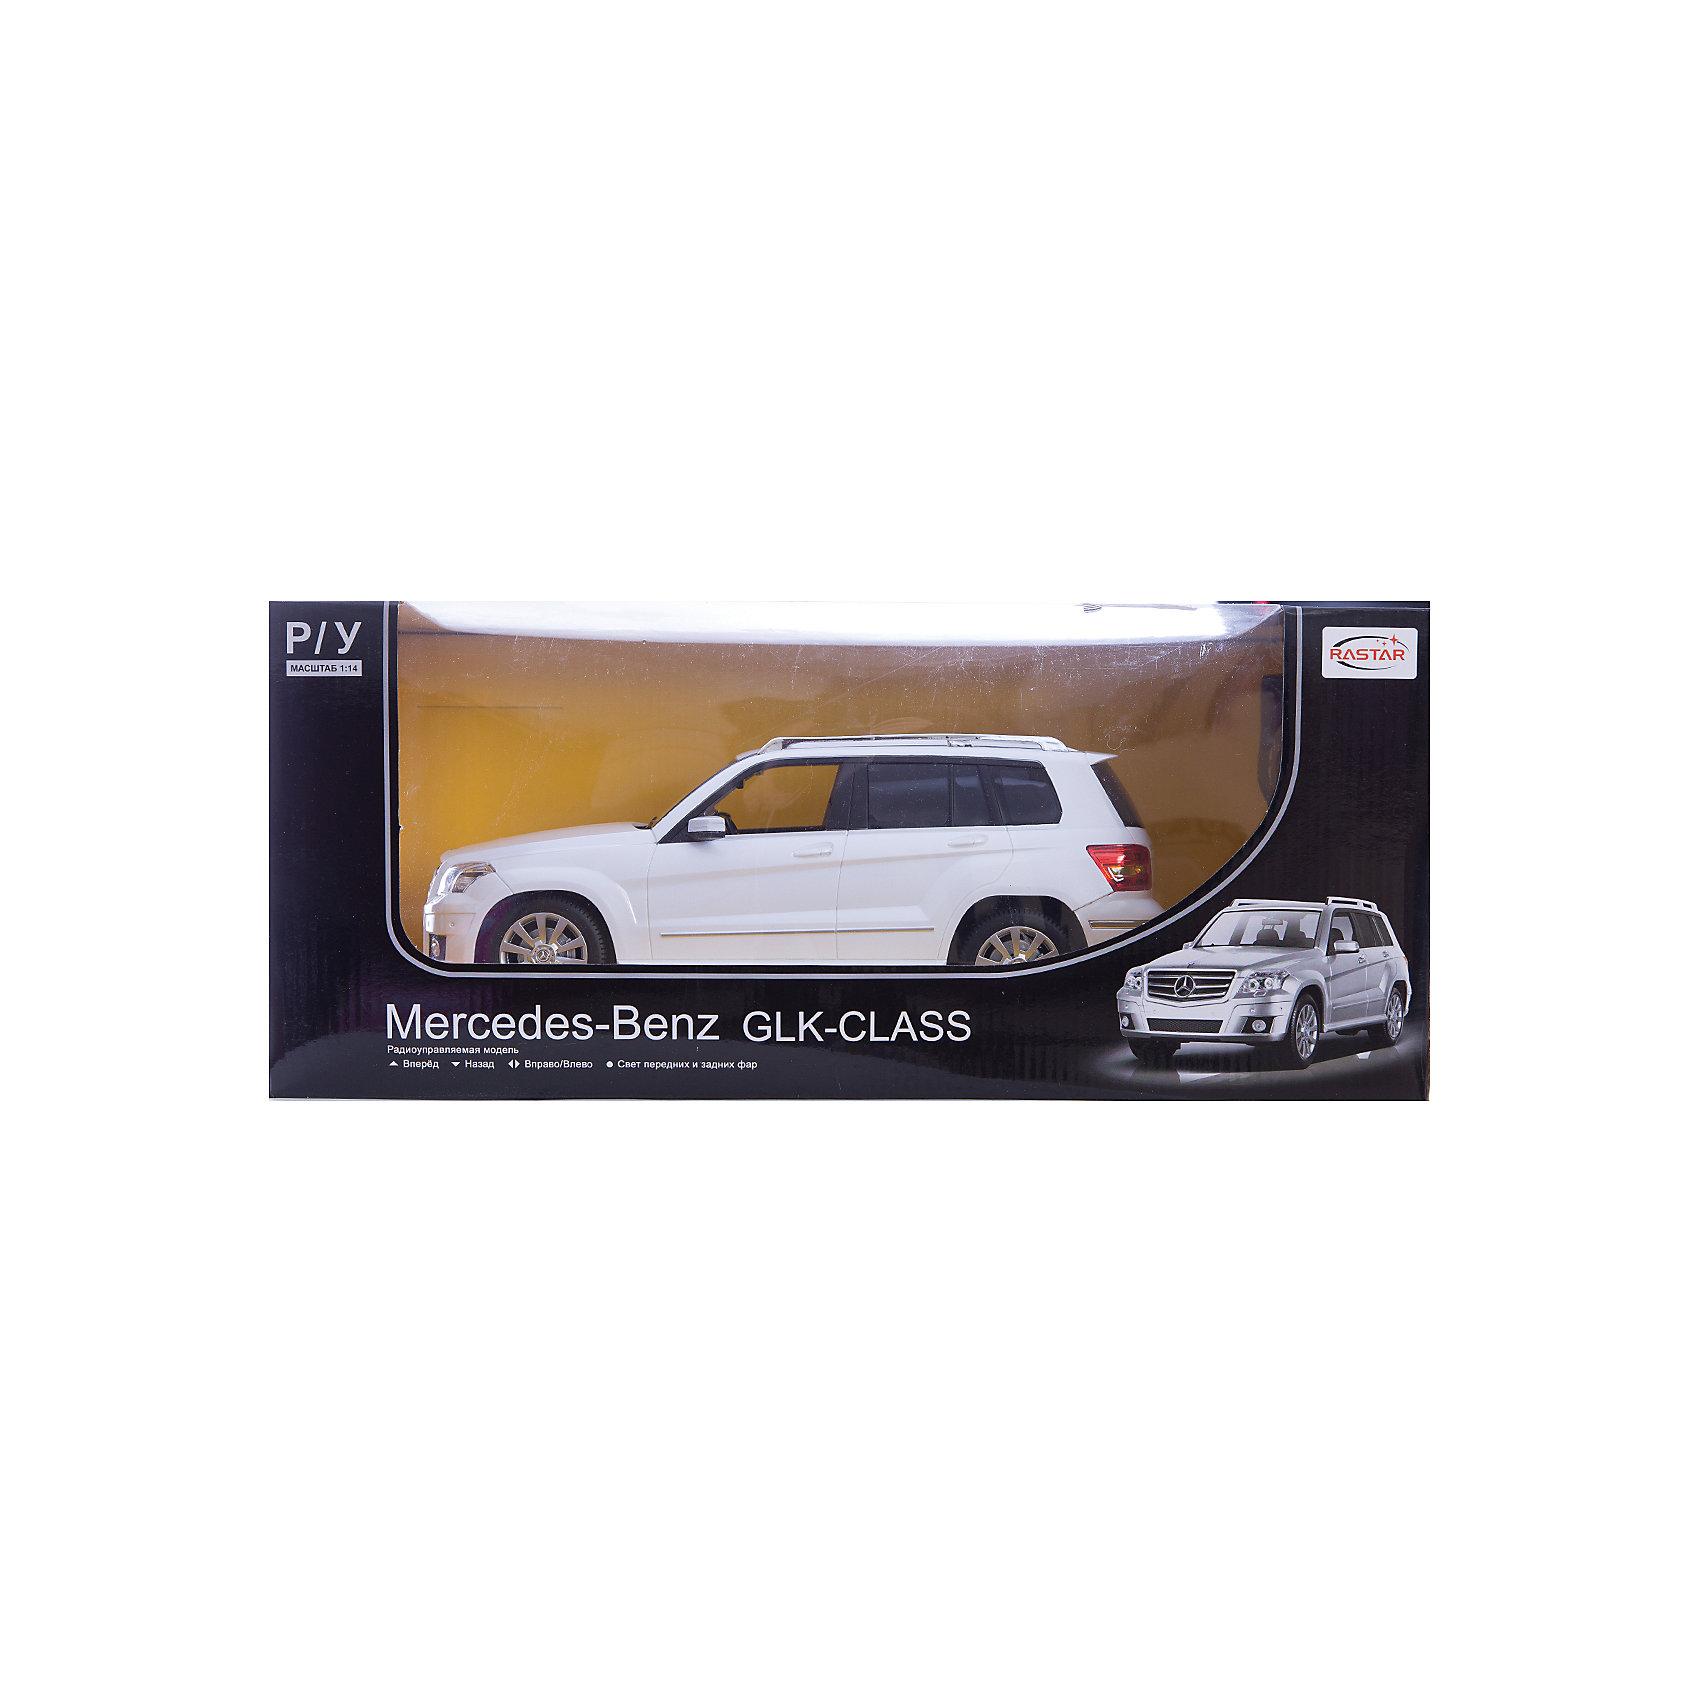 Машина MERCEDES GLK, 1:14, со светом, р/у, RASTAR, белыйМашинки<br>Стильный и мощный внедорожник, выполненный в масштабе 1:18 приведет в восторг любого мальчишку! Машина прекрасно детализирована, очень похожа на настоящий автомобиль, развивает скорость до 7 км/ч. Модель имеет четыре направления движения: вперед, назад, вправо и влево, работающие  задние огни и стоп-сигналы.   Дополнительная информация:  - Материал: пластик, металл. - Размер: 33,4 x 13,3 x 13,8 см.  - Максимальная скорость 7 км/ч. - Время непрерывной работы: 40 мин. - Масштаб: 1:14. - Комплектация: машинка; пульт управления. - Звуковые и световые эффекты. - Элемент питания: 5 ААА батареек, 1 крона (в комплект не входят). - Дистанция управления: до 45 м. Машину MERCEDES GLK, 1:14, со светом, р/у, RASTAR можно купить в нашем магазине.<br><br>Ширина мм: 220<br>Глубина мм: 460<br>Высота мм: 200<br>Вес г: 1450<br>Возраст от месяцев: 36<br>Возраст до месяцев: 144<br>Пол: Мужской<br>Возраст: Детский<br>SKU: 4838263